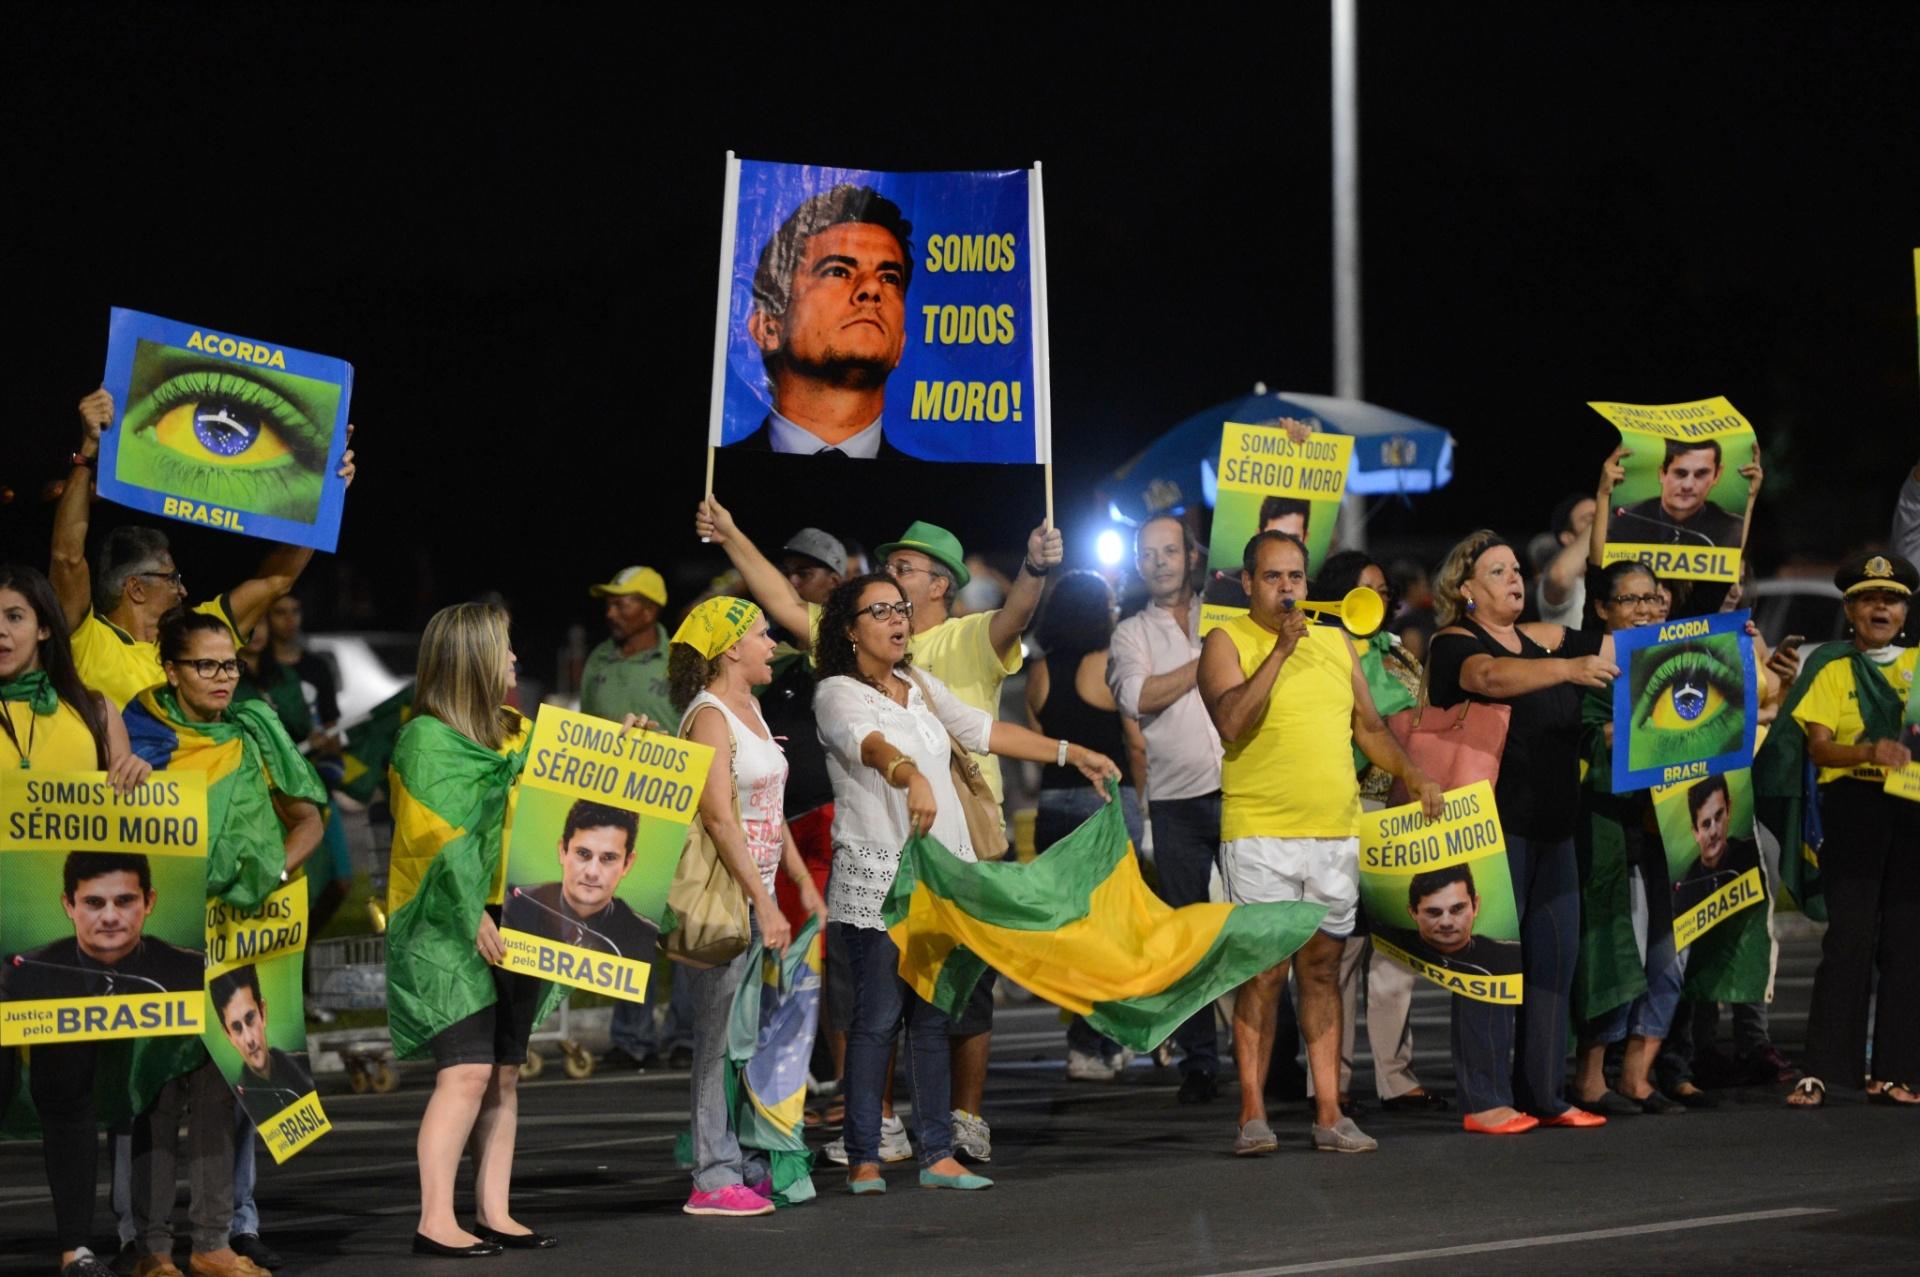 25.mar.2016 - Manifestantes se reúnem atrás do Congresso, próximo ao Supremo Tribunal Federal, em Brasília, para protestar contra o governo da presidente Dilma Rousseff e agradecendo o juiz Sérgio Moro pelo andamento da Operação Lava Jato